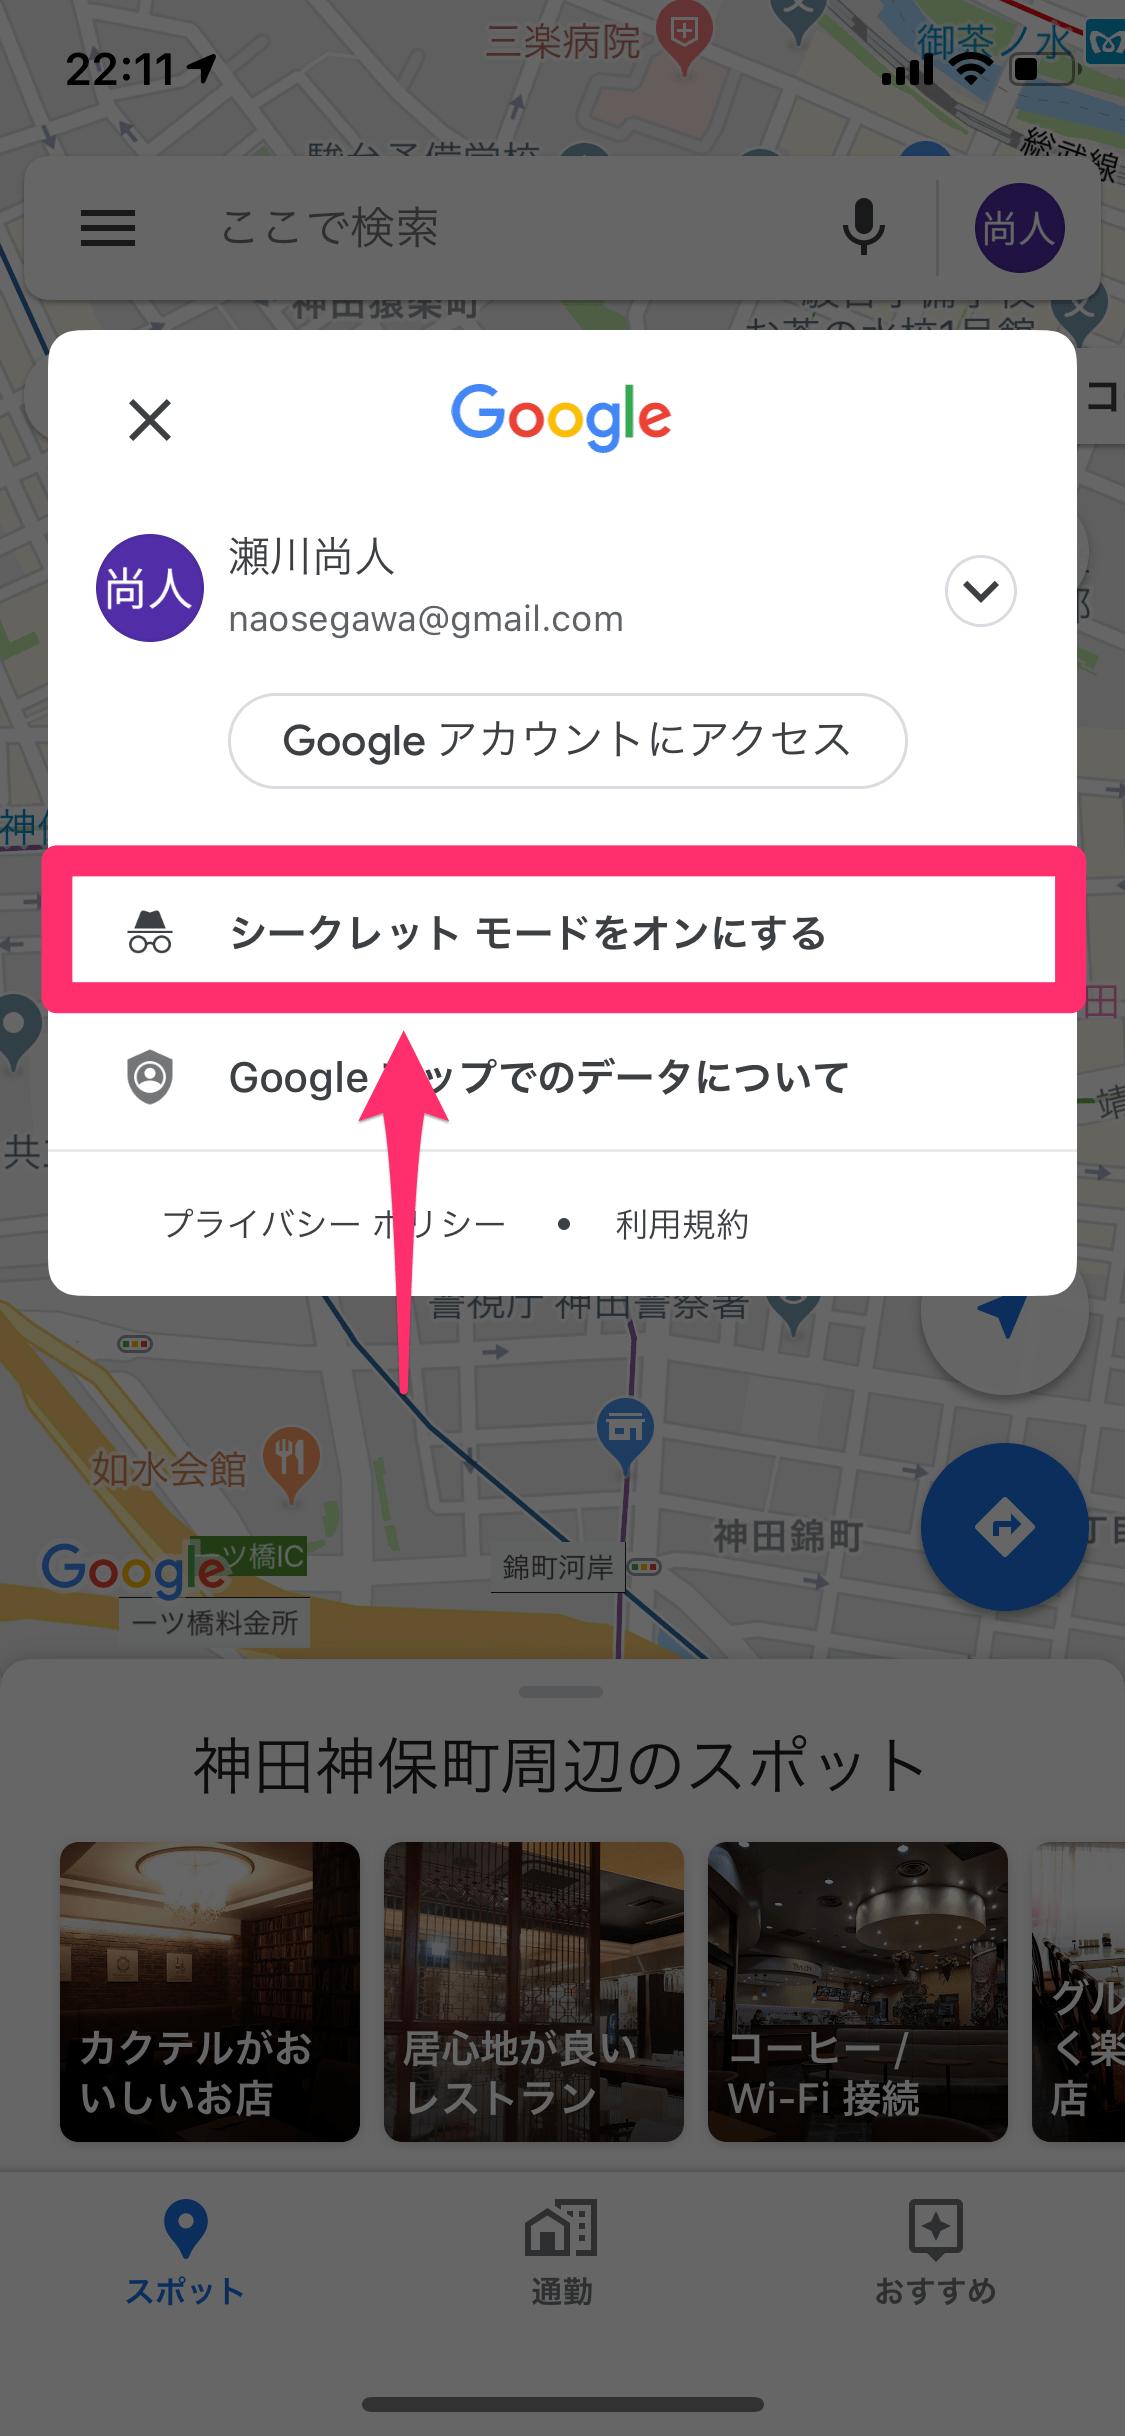 Googleマップを「シークレットモード」で使う方法。検索履歴を残したくないときに便利